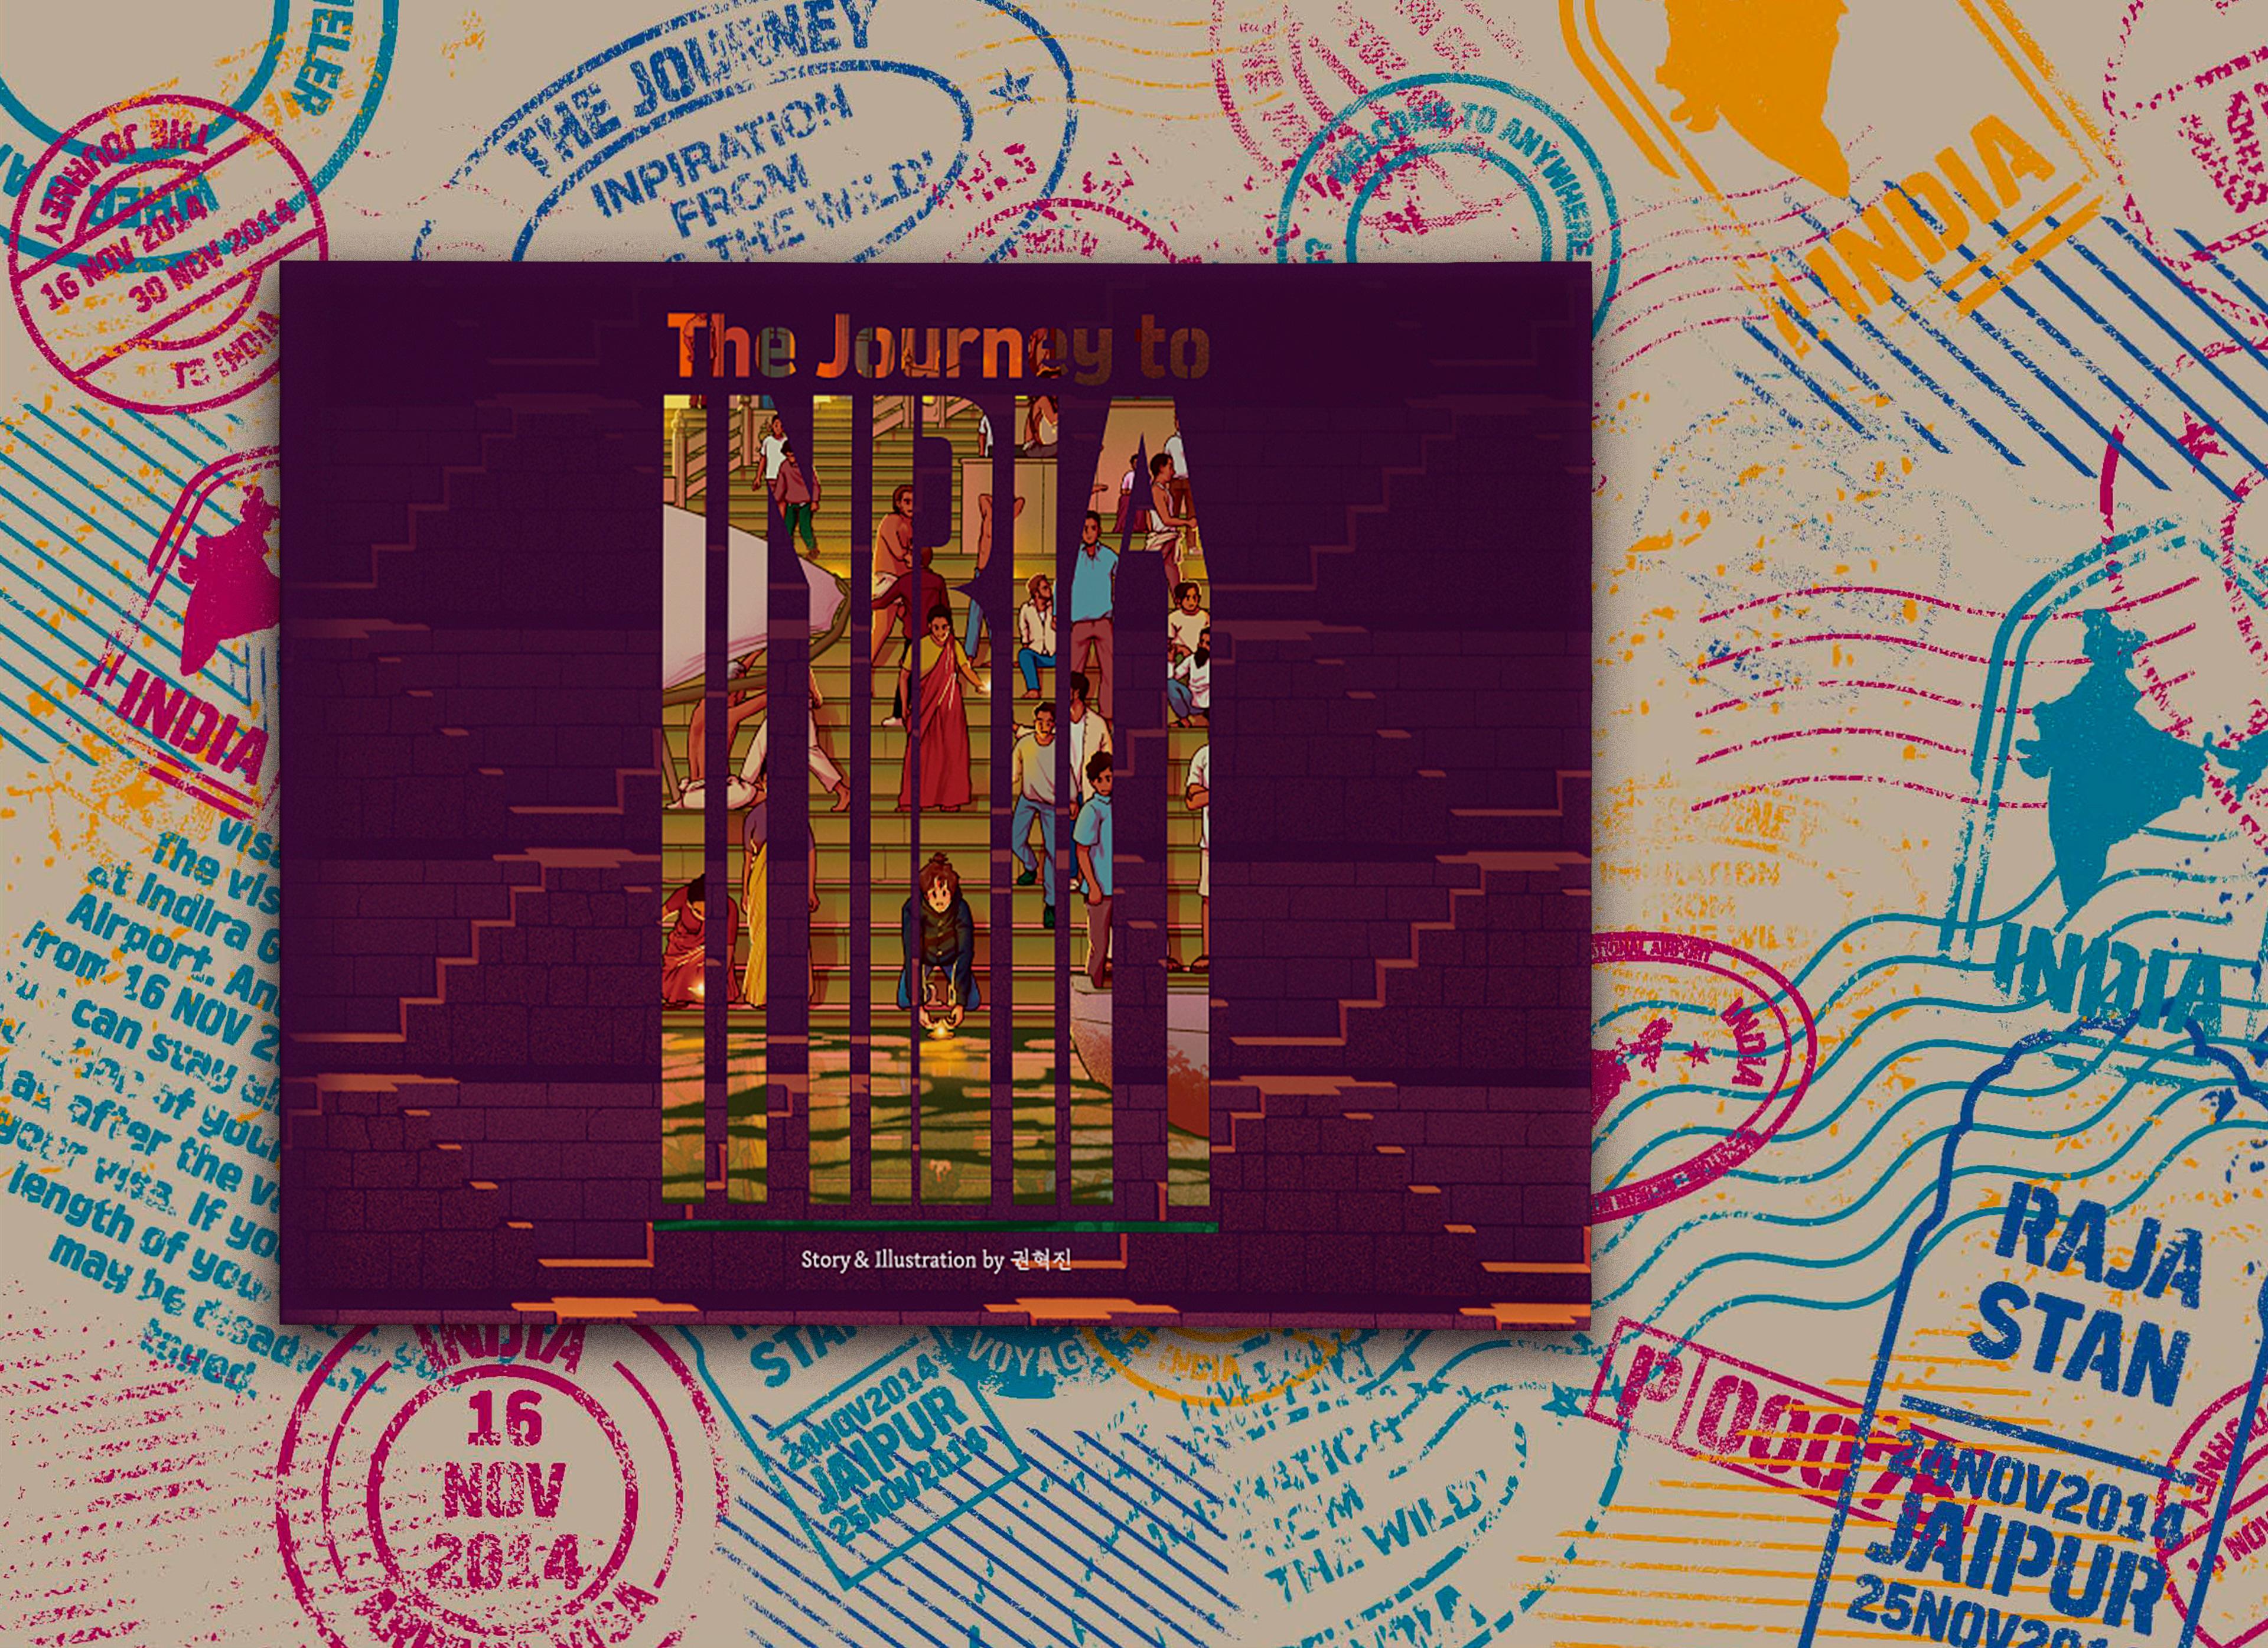 나의 인도 여행기 <The Journey to INDIA>